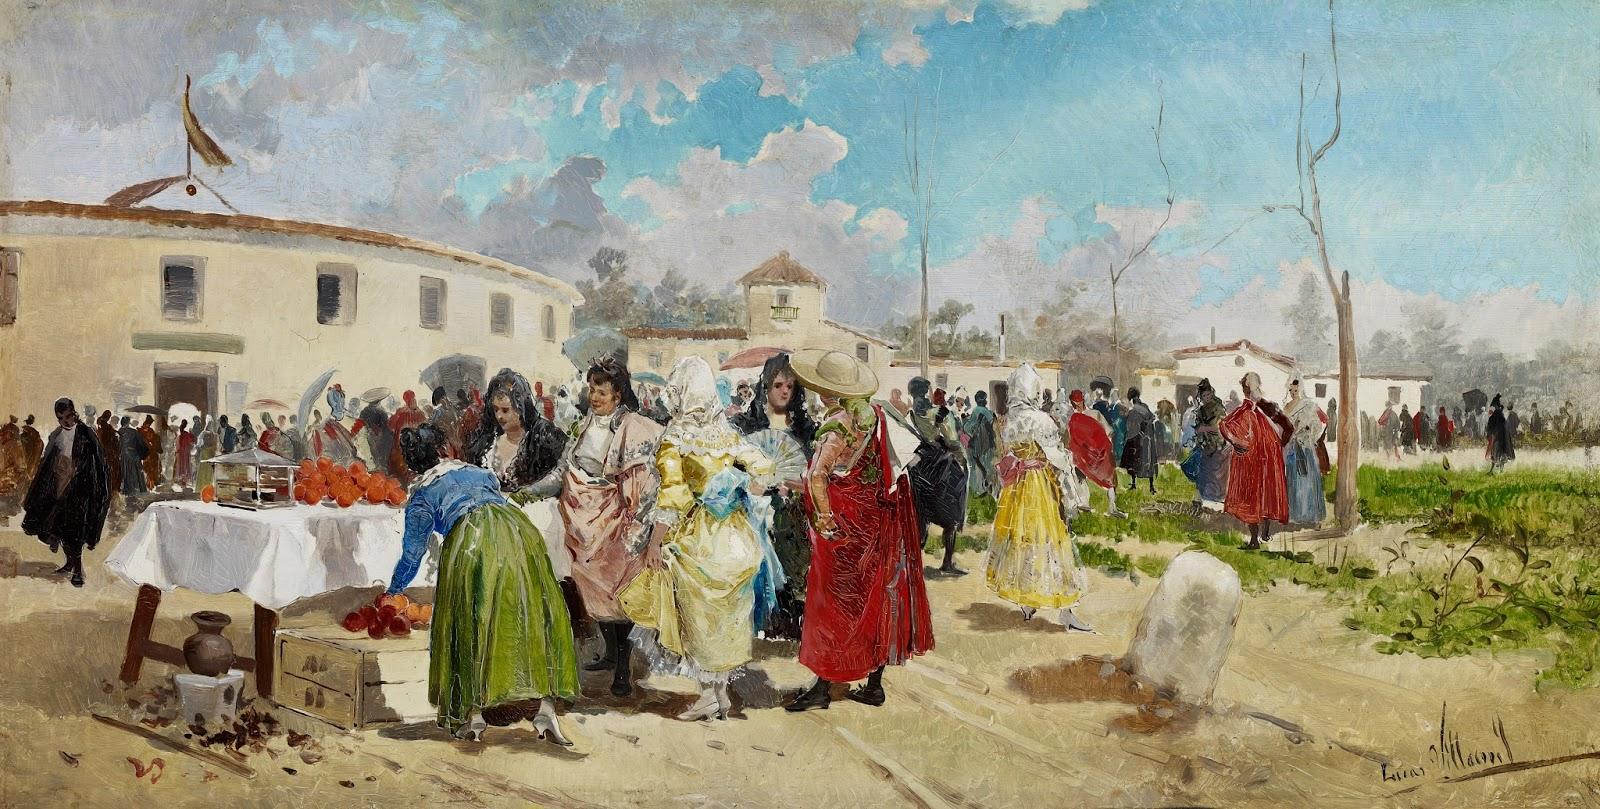 Pintura malague a del siglo xix miscel neas el - Pinturas arenas granada ...